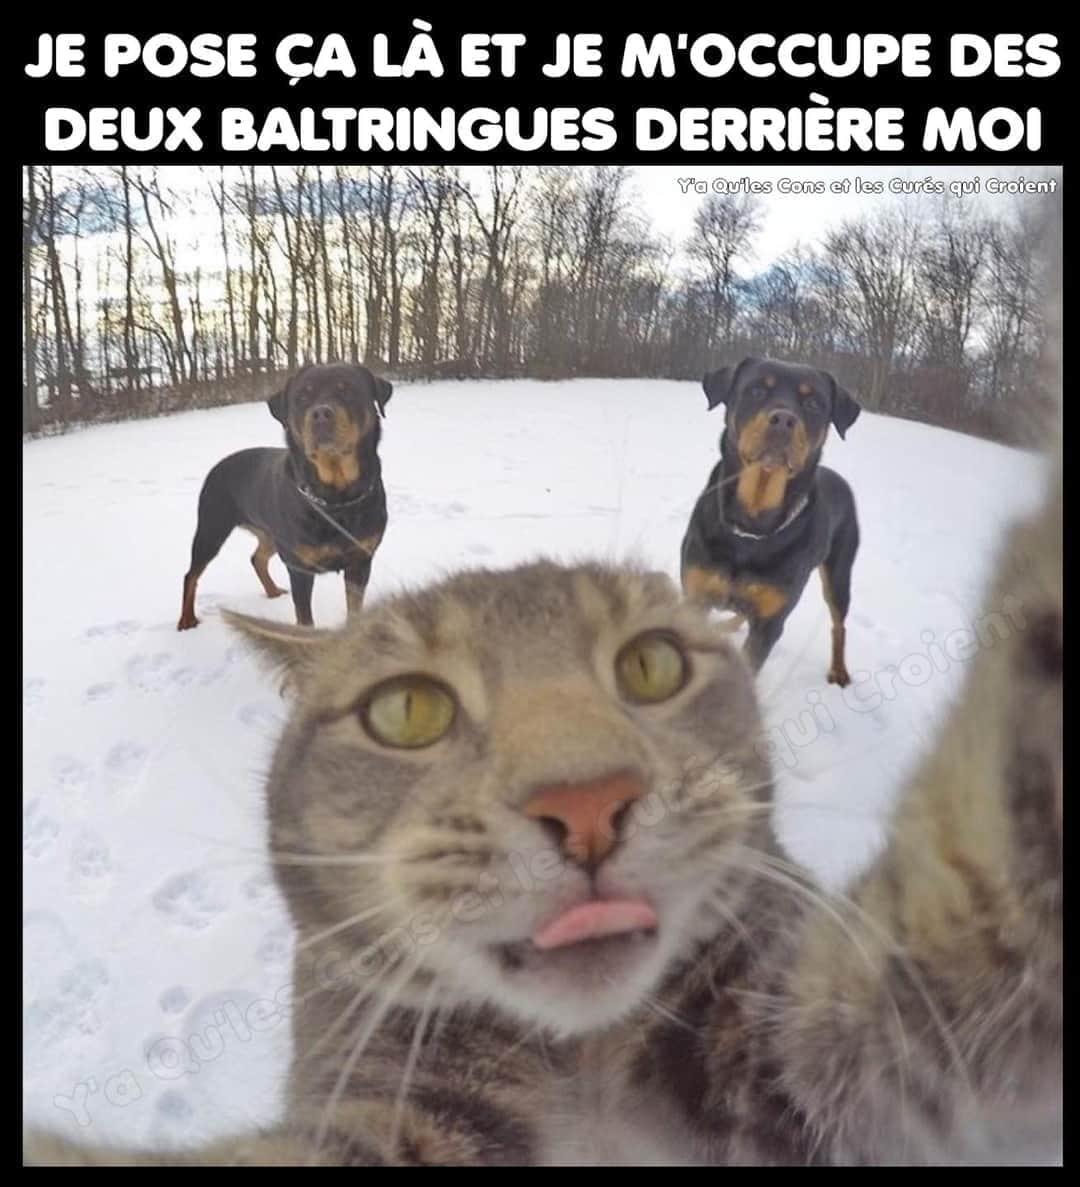 Le Chat de Vladimir poutine - meme